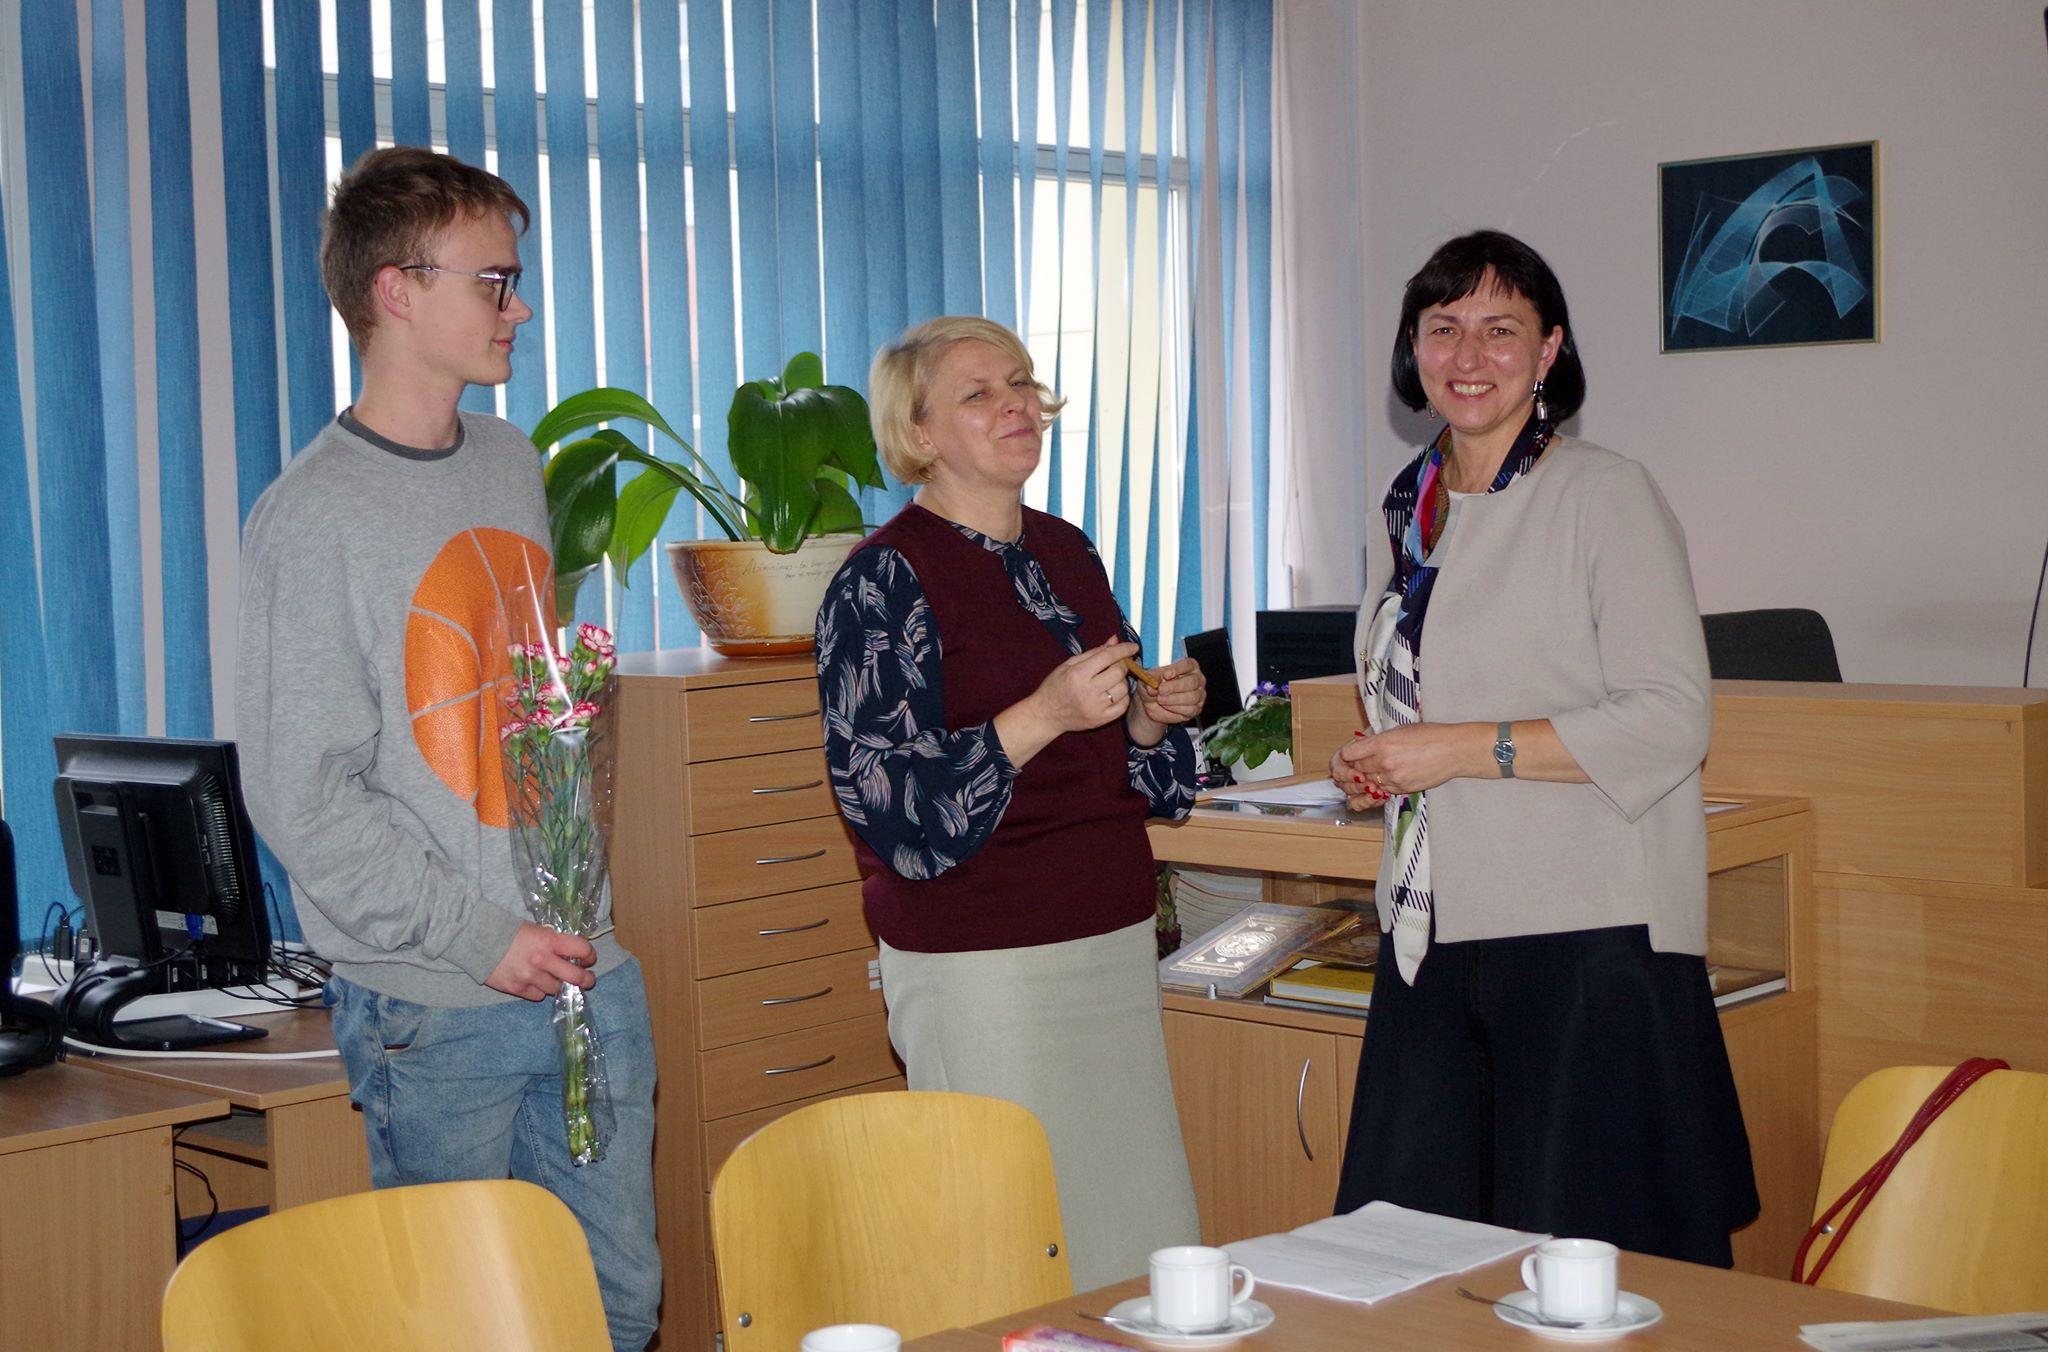 Jaunųjų žurnalistų kursai: Susitikimas Putinų gimnazijoje